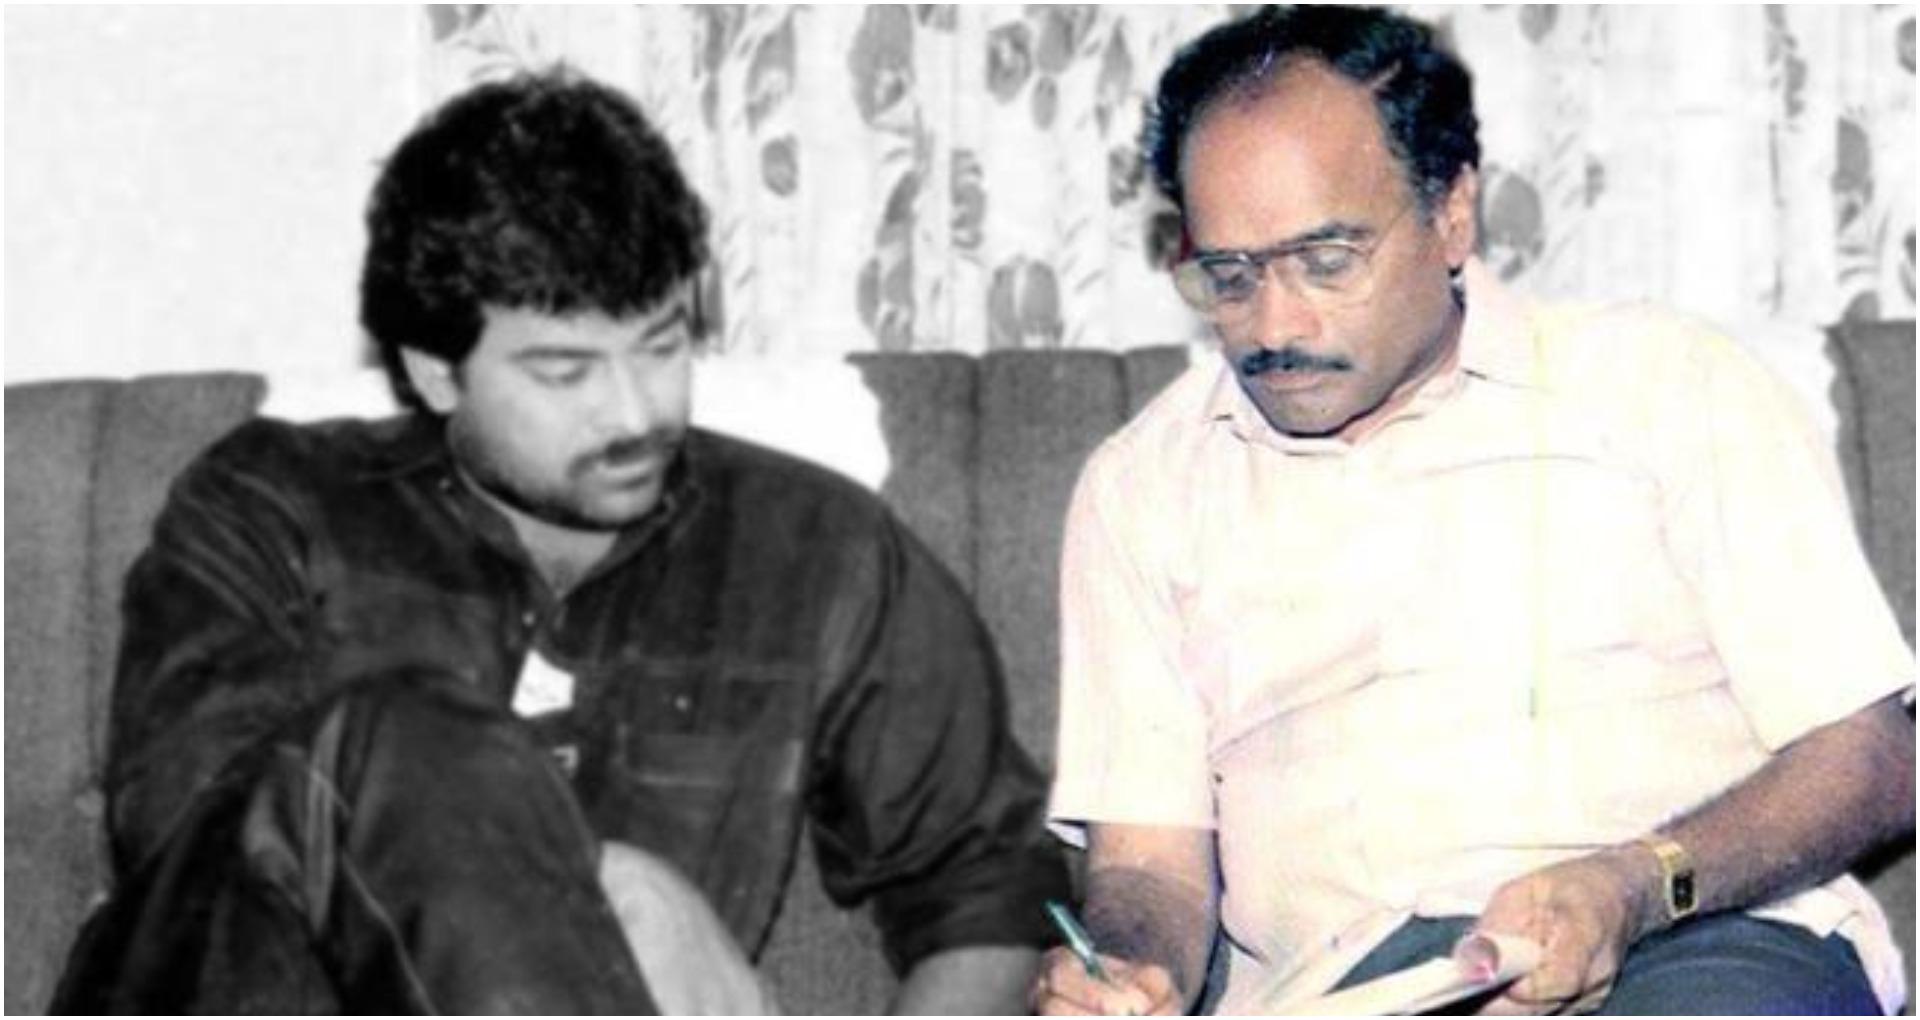 एक्टर चिरंजीवी को सुपरस्टार बनाने वाले डायरेक्टर विजया बापीनेदु का निधन, हैदराबाद में होगा अंतिम संस्कार